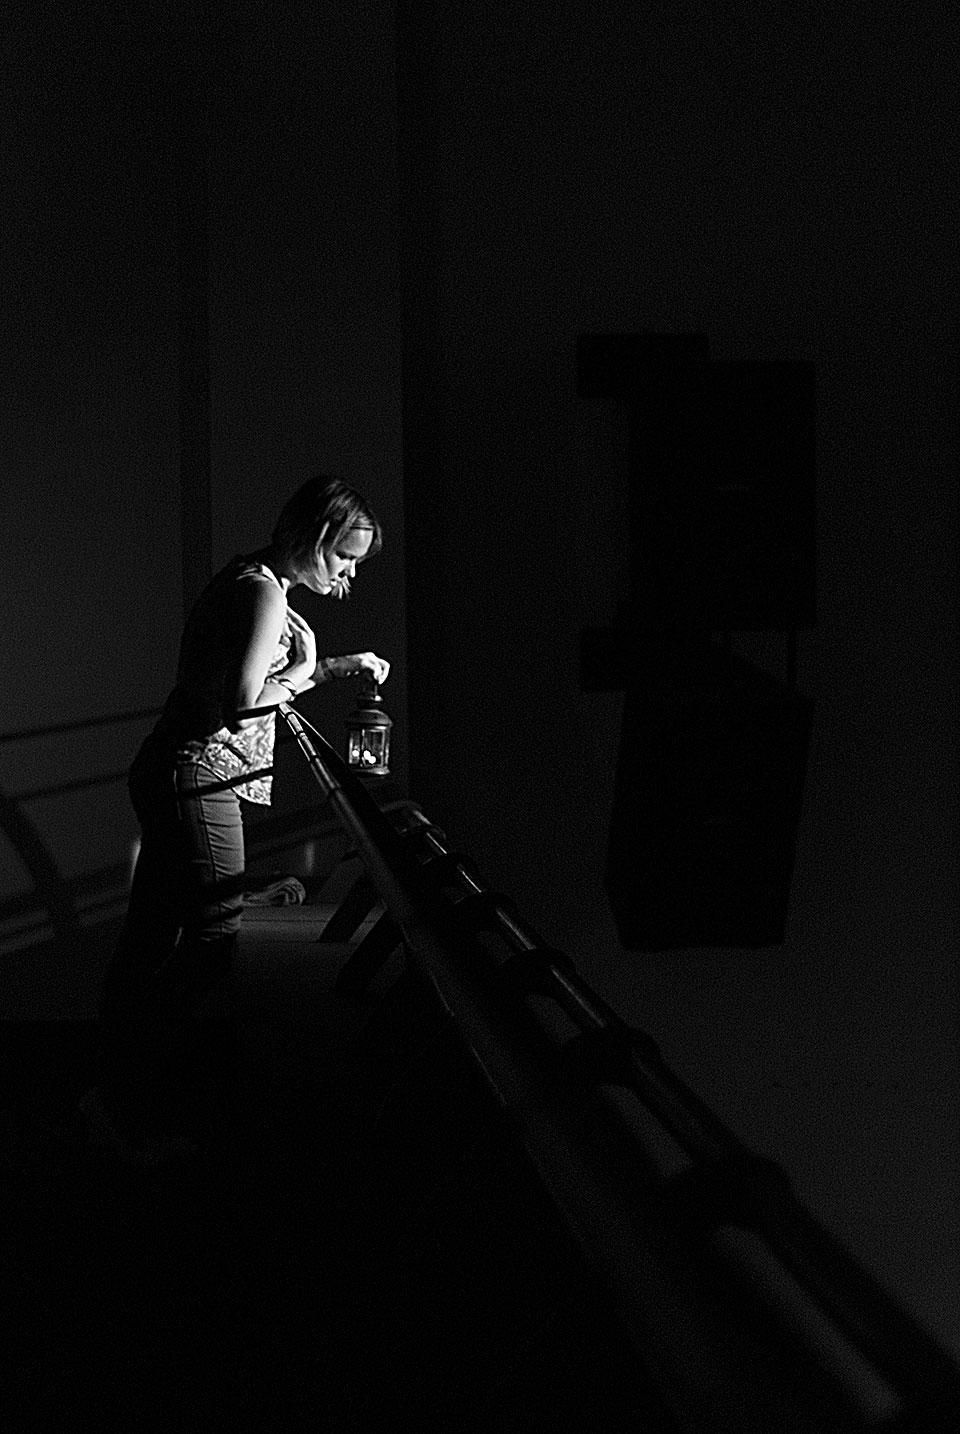 Teatro Monza 16-06-13 89-amore non e straniero-foto Marco Soldo